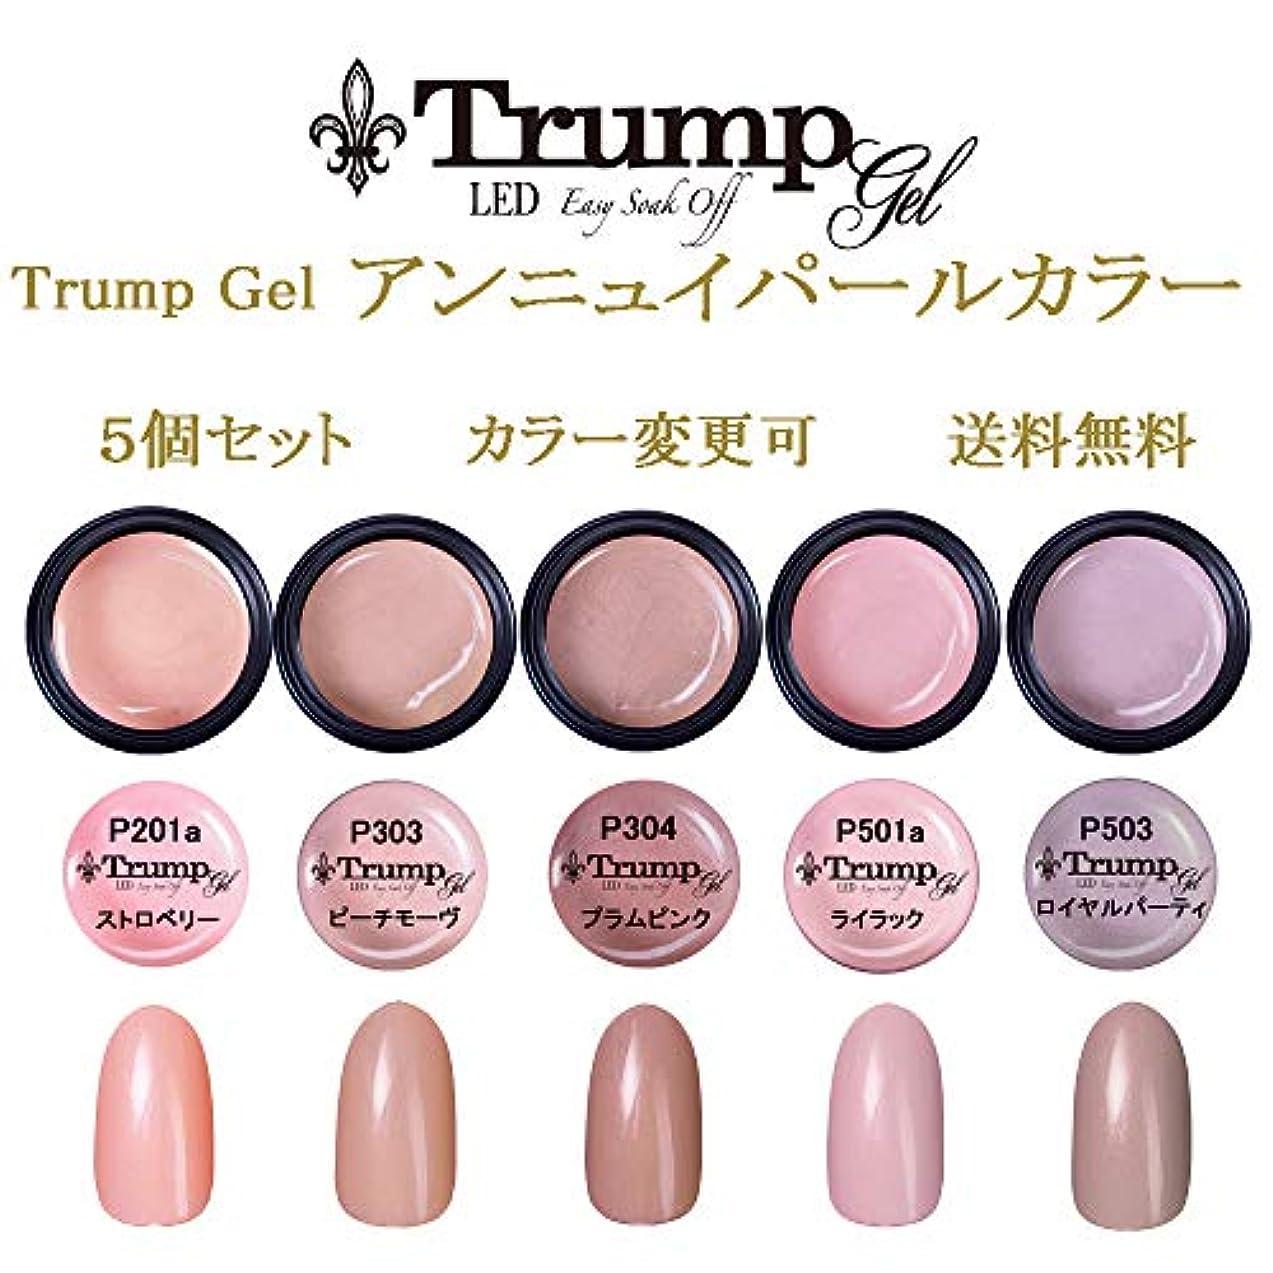 服を着る十分な床日本製 Trump gel トランプジェル アンニュイ パール 選べる カラージェル 5個セット ピンク ベージュ パープル